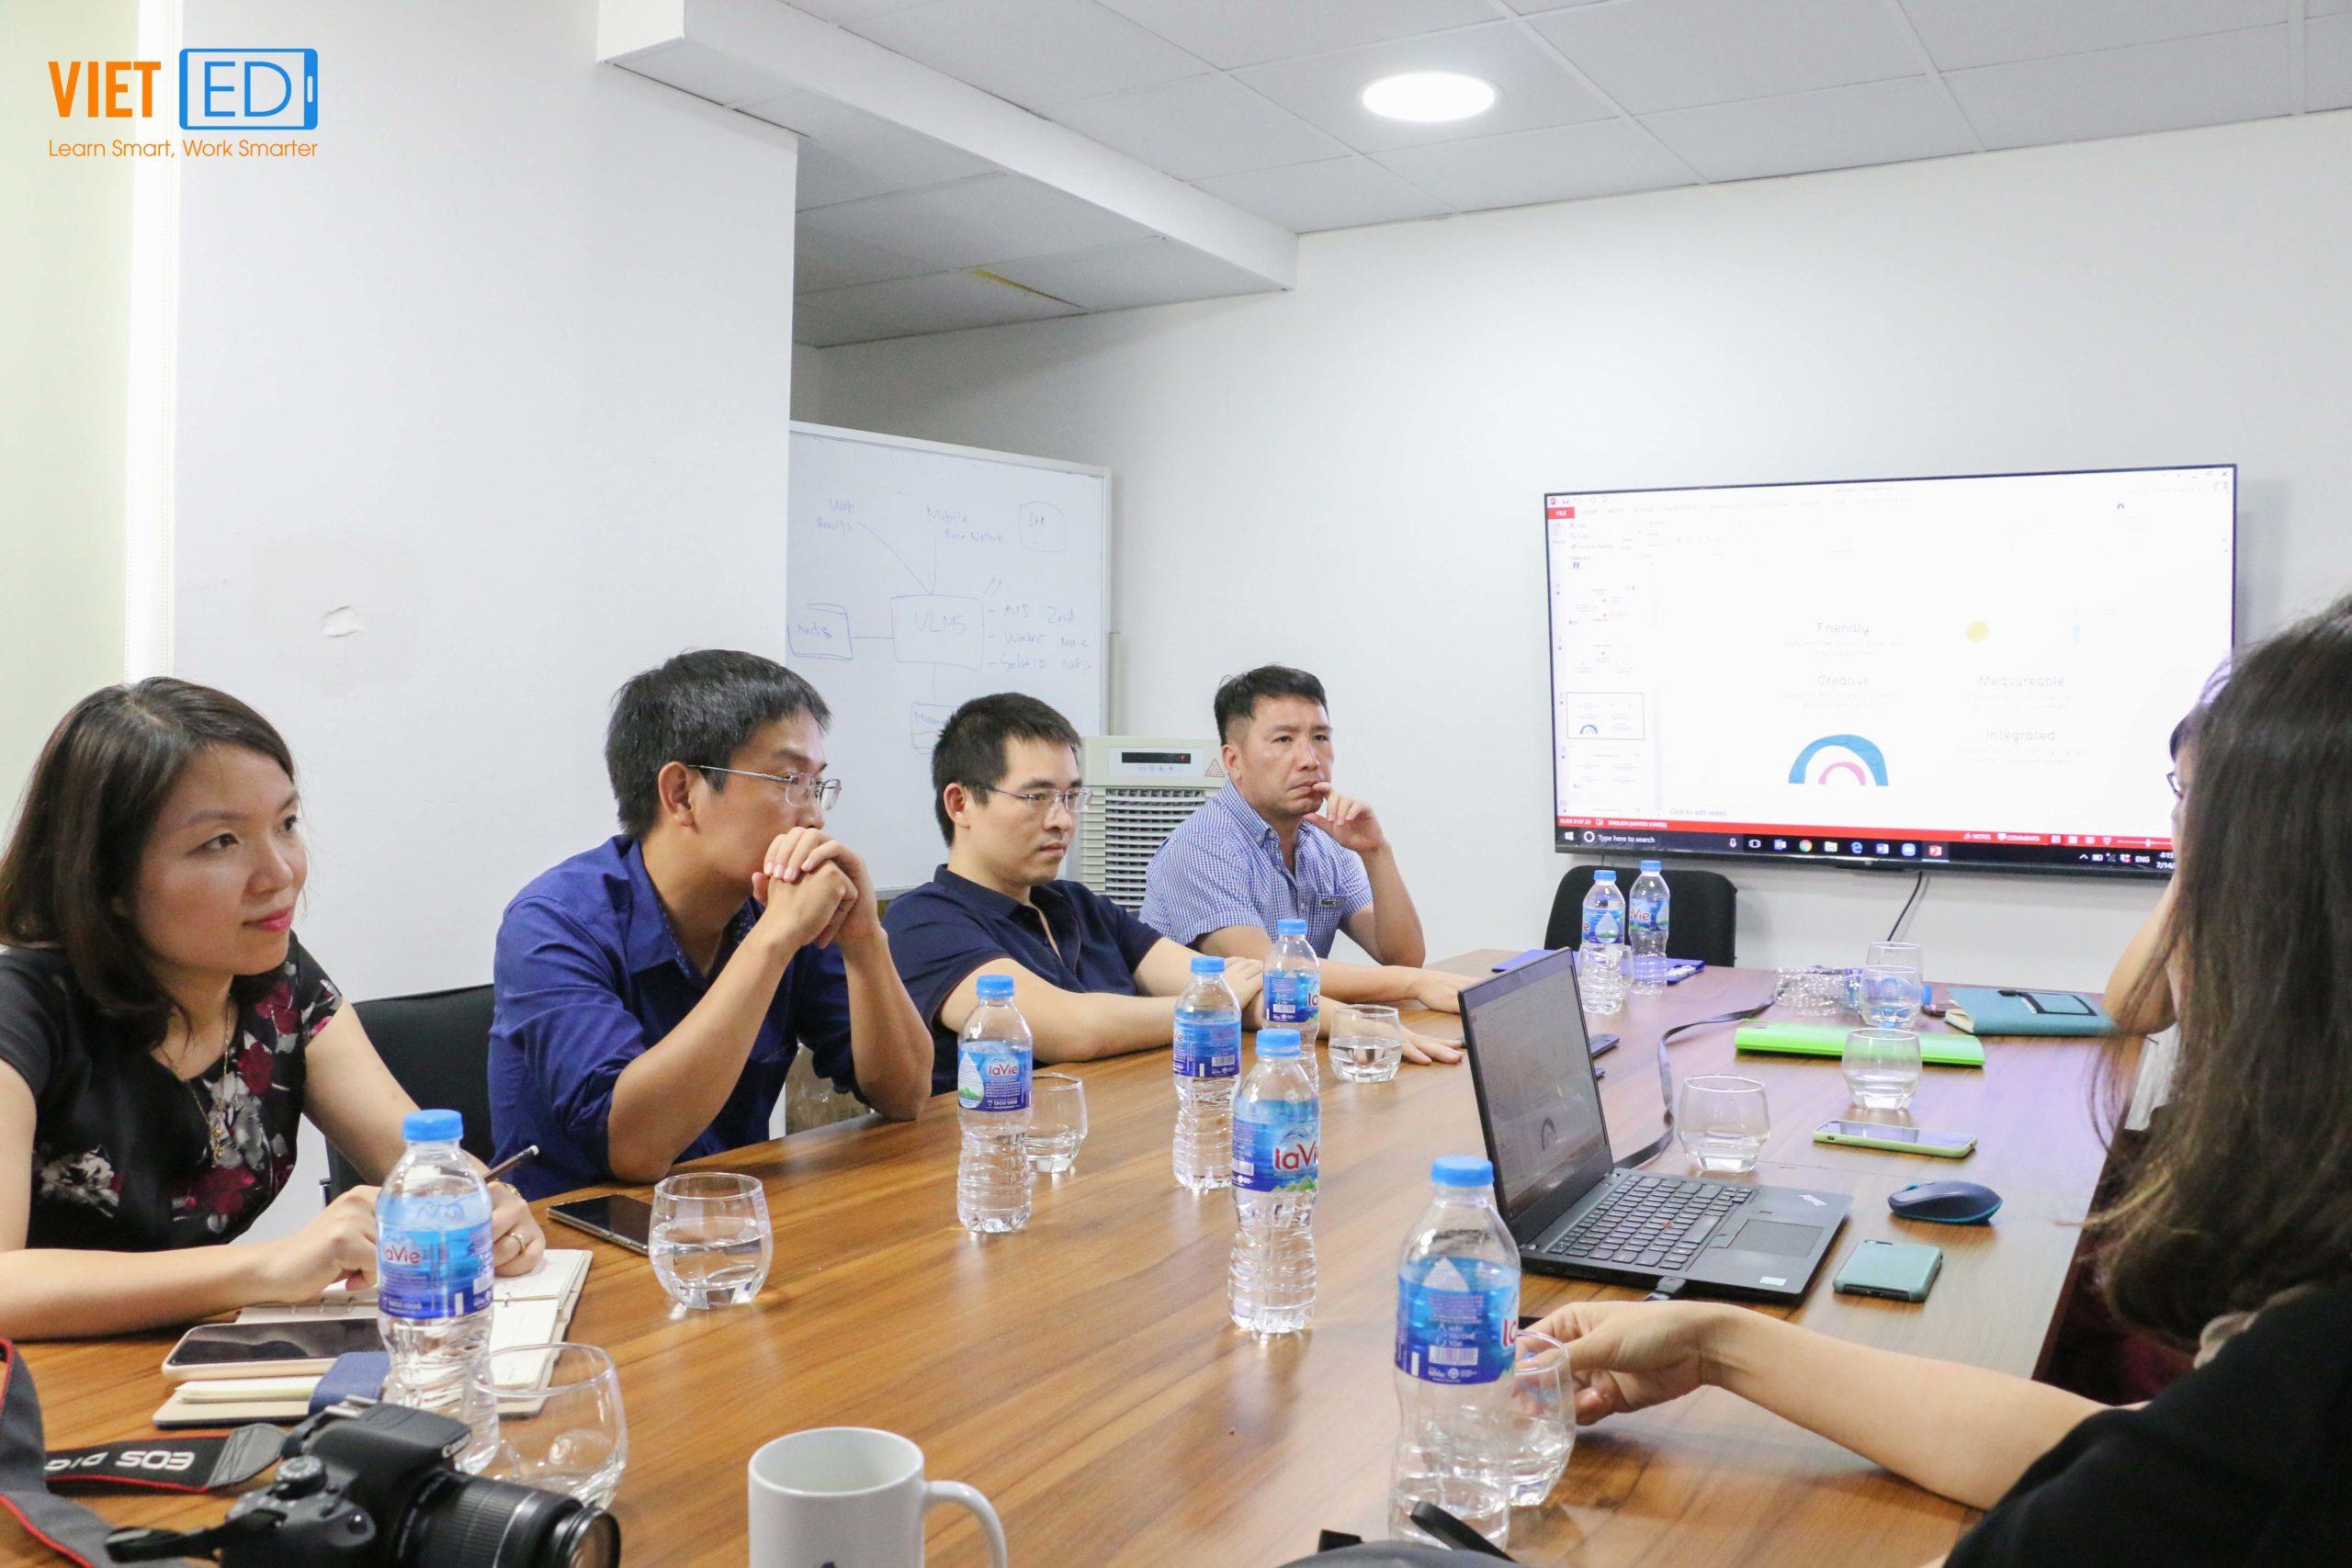 Ban lãnh đạo và các thành viên tham dự lắng nghe phần trình bày của ông Nguyễn Mạnh Hải